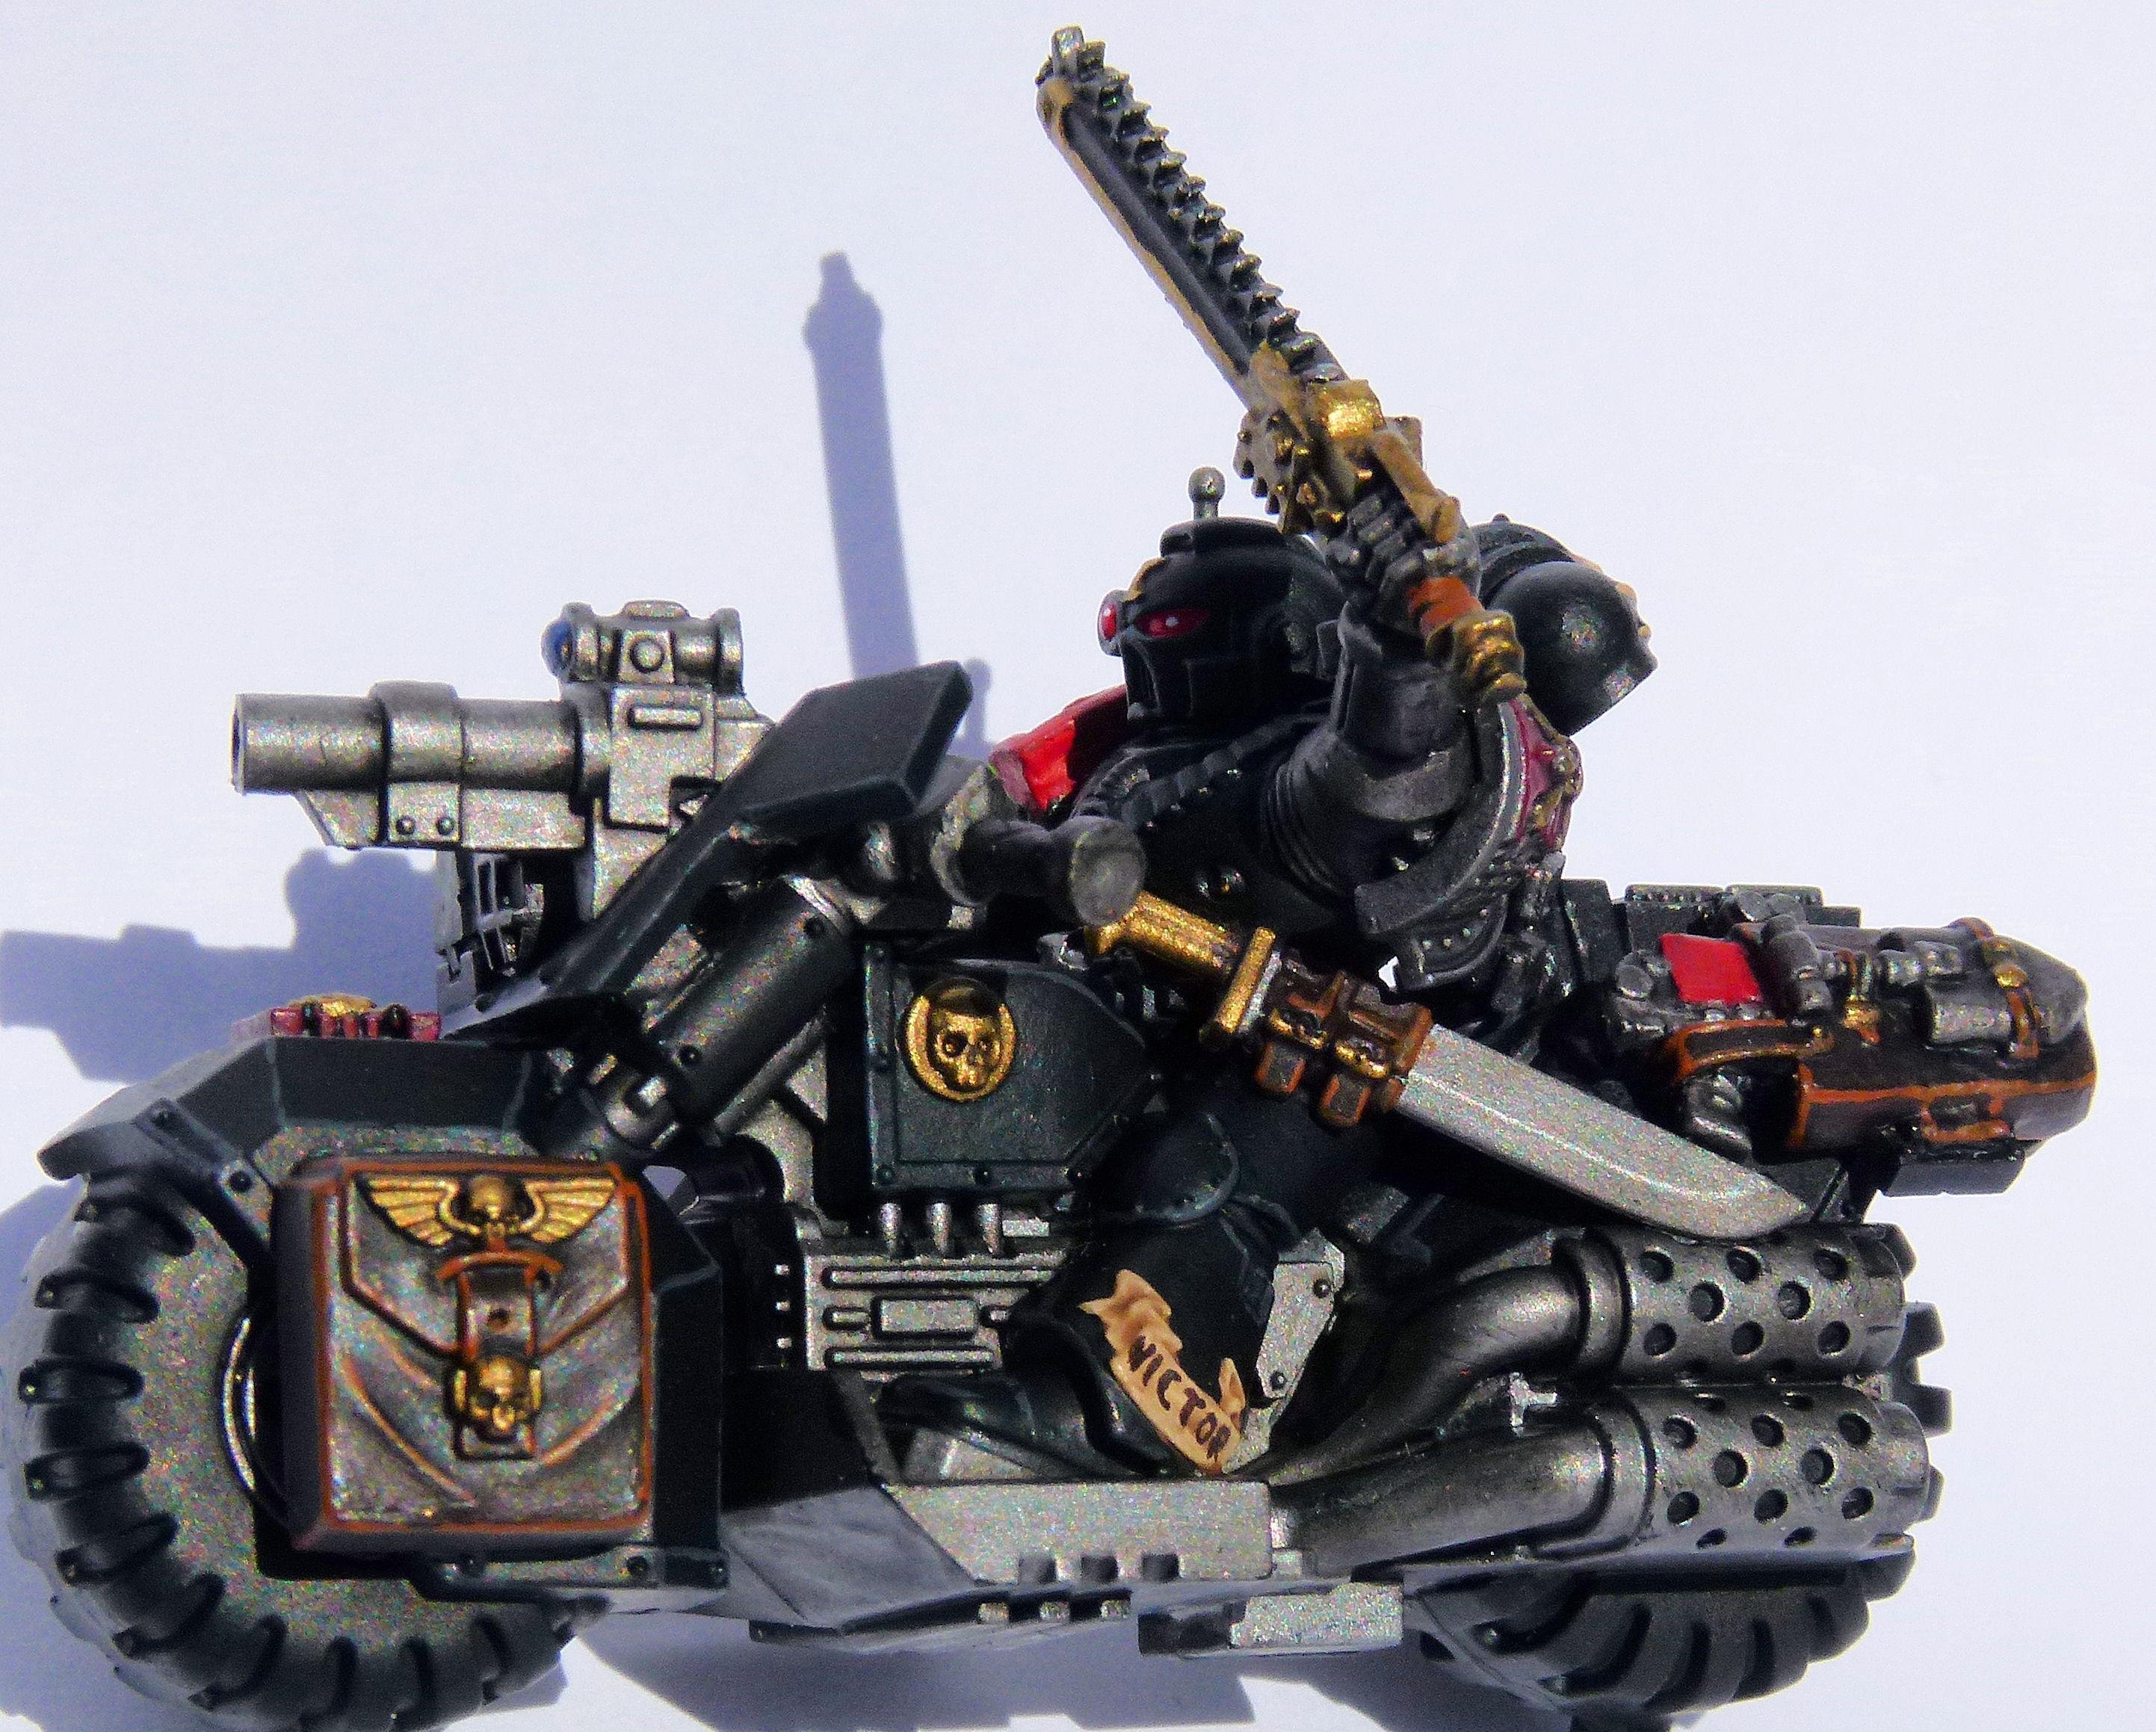 Blood Swords Deathwatch Veteran Biker Left Side